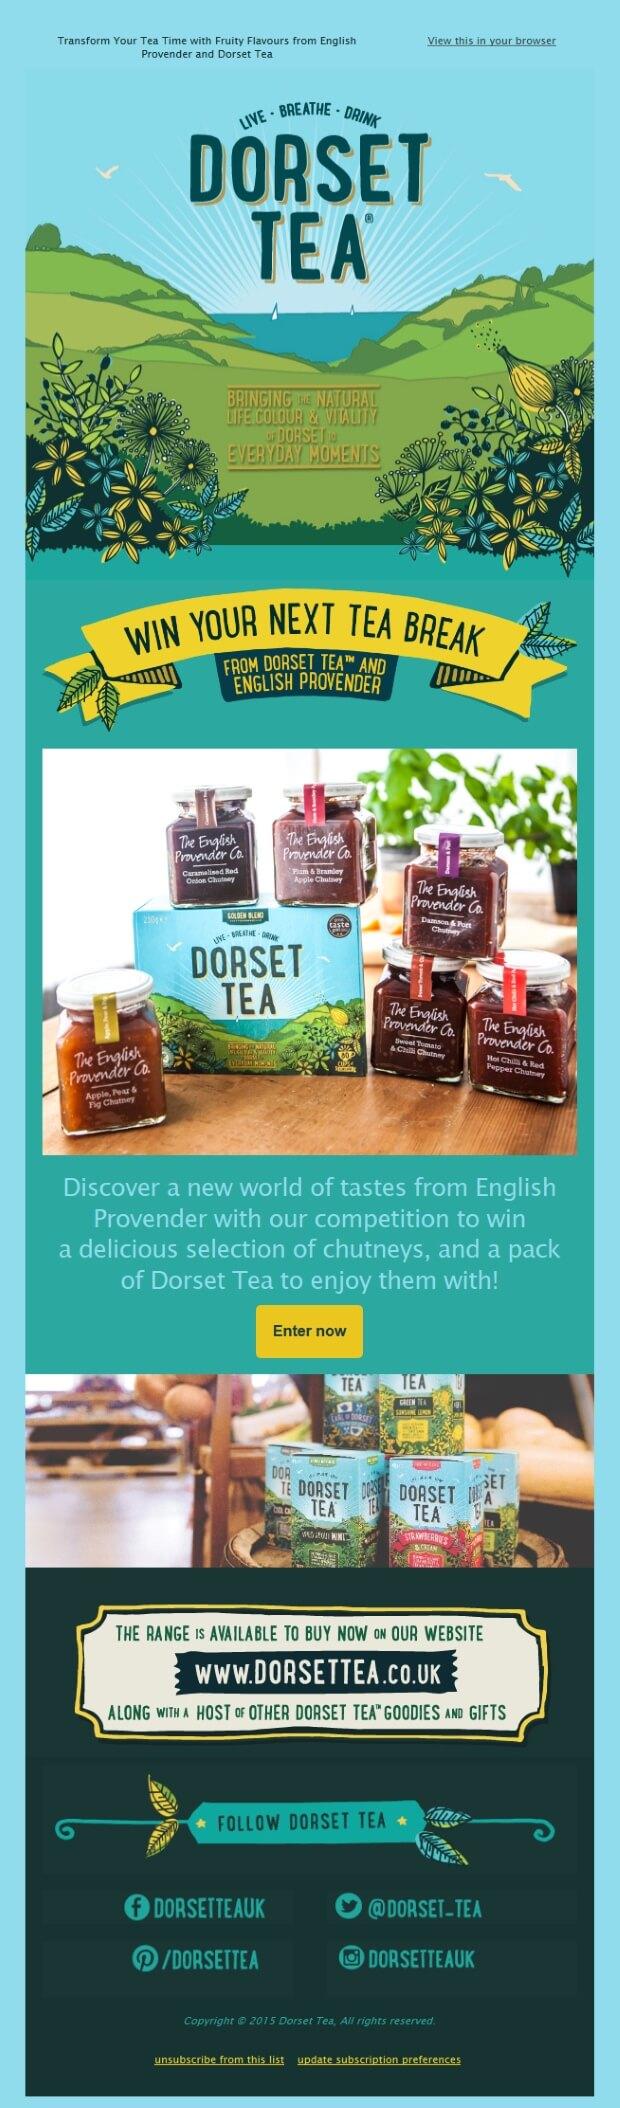 Dorset-Tea